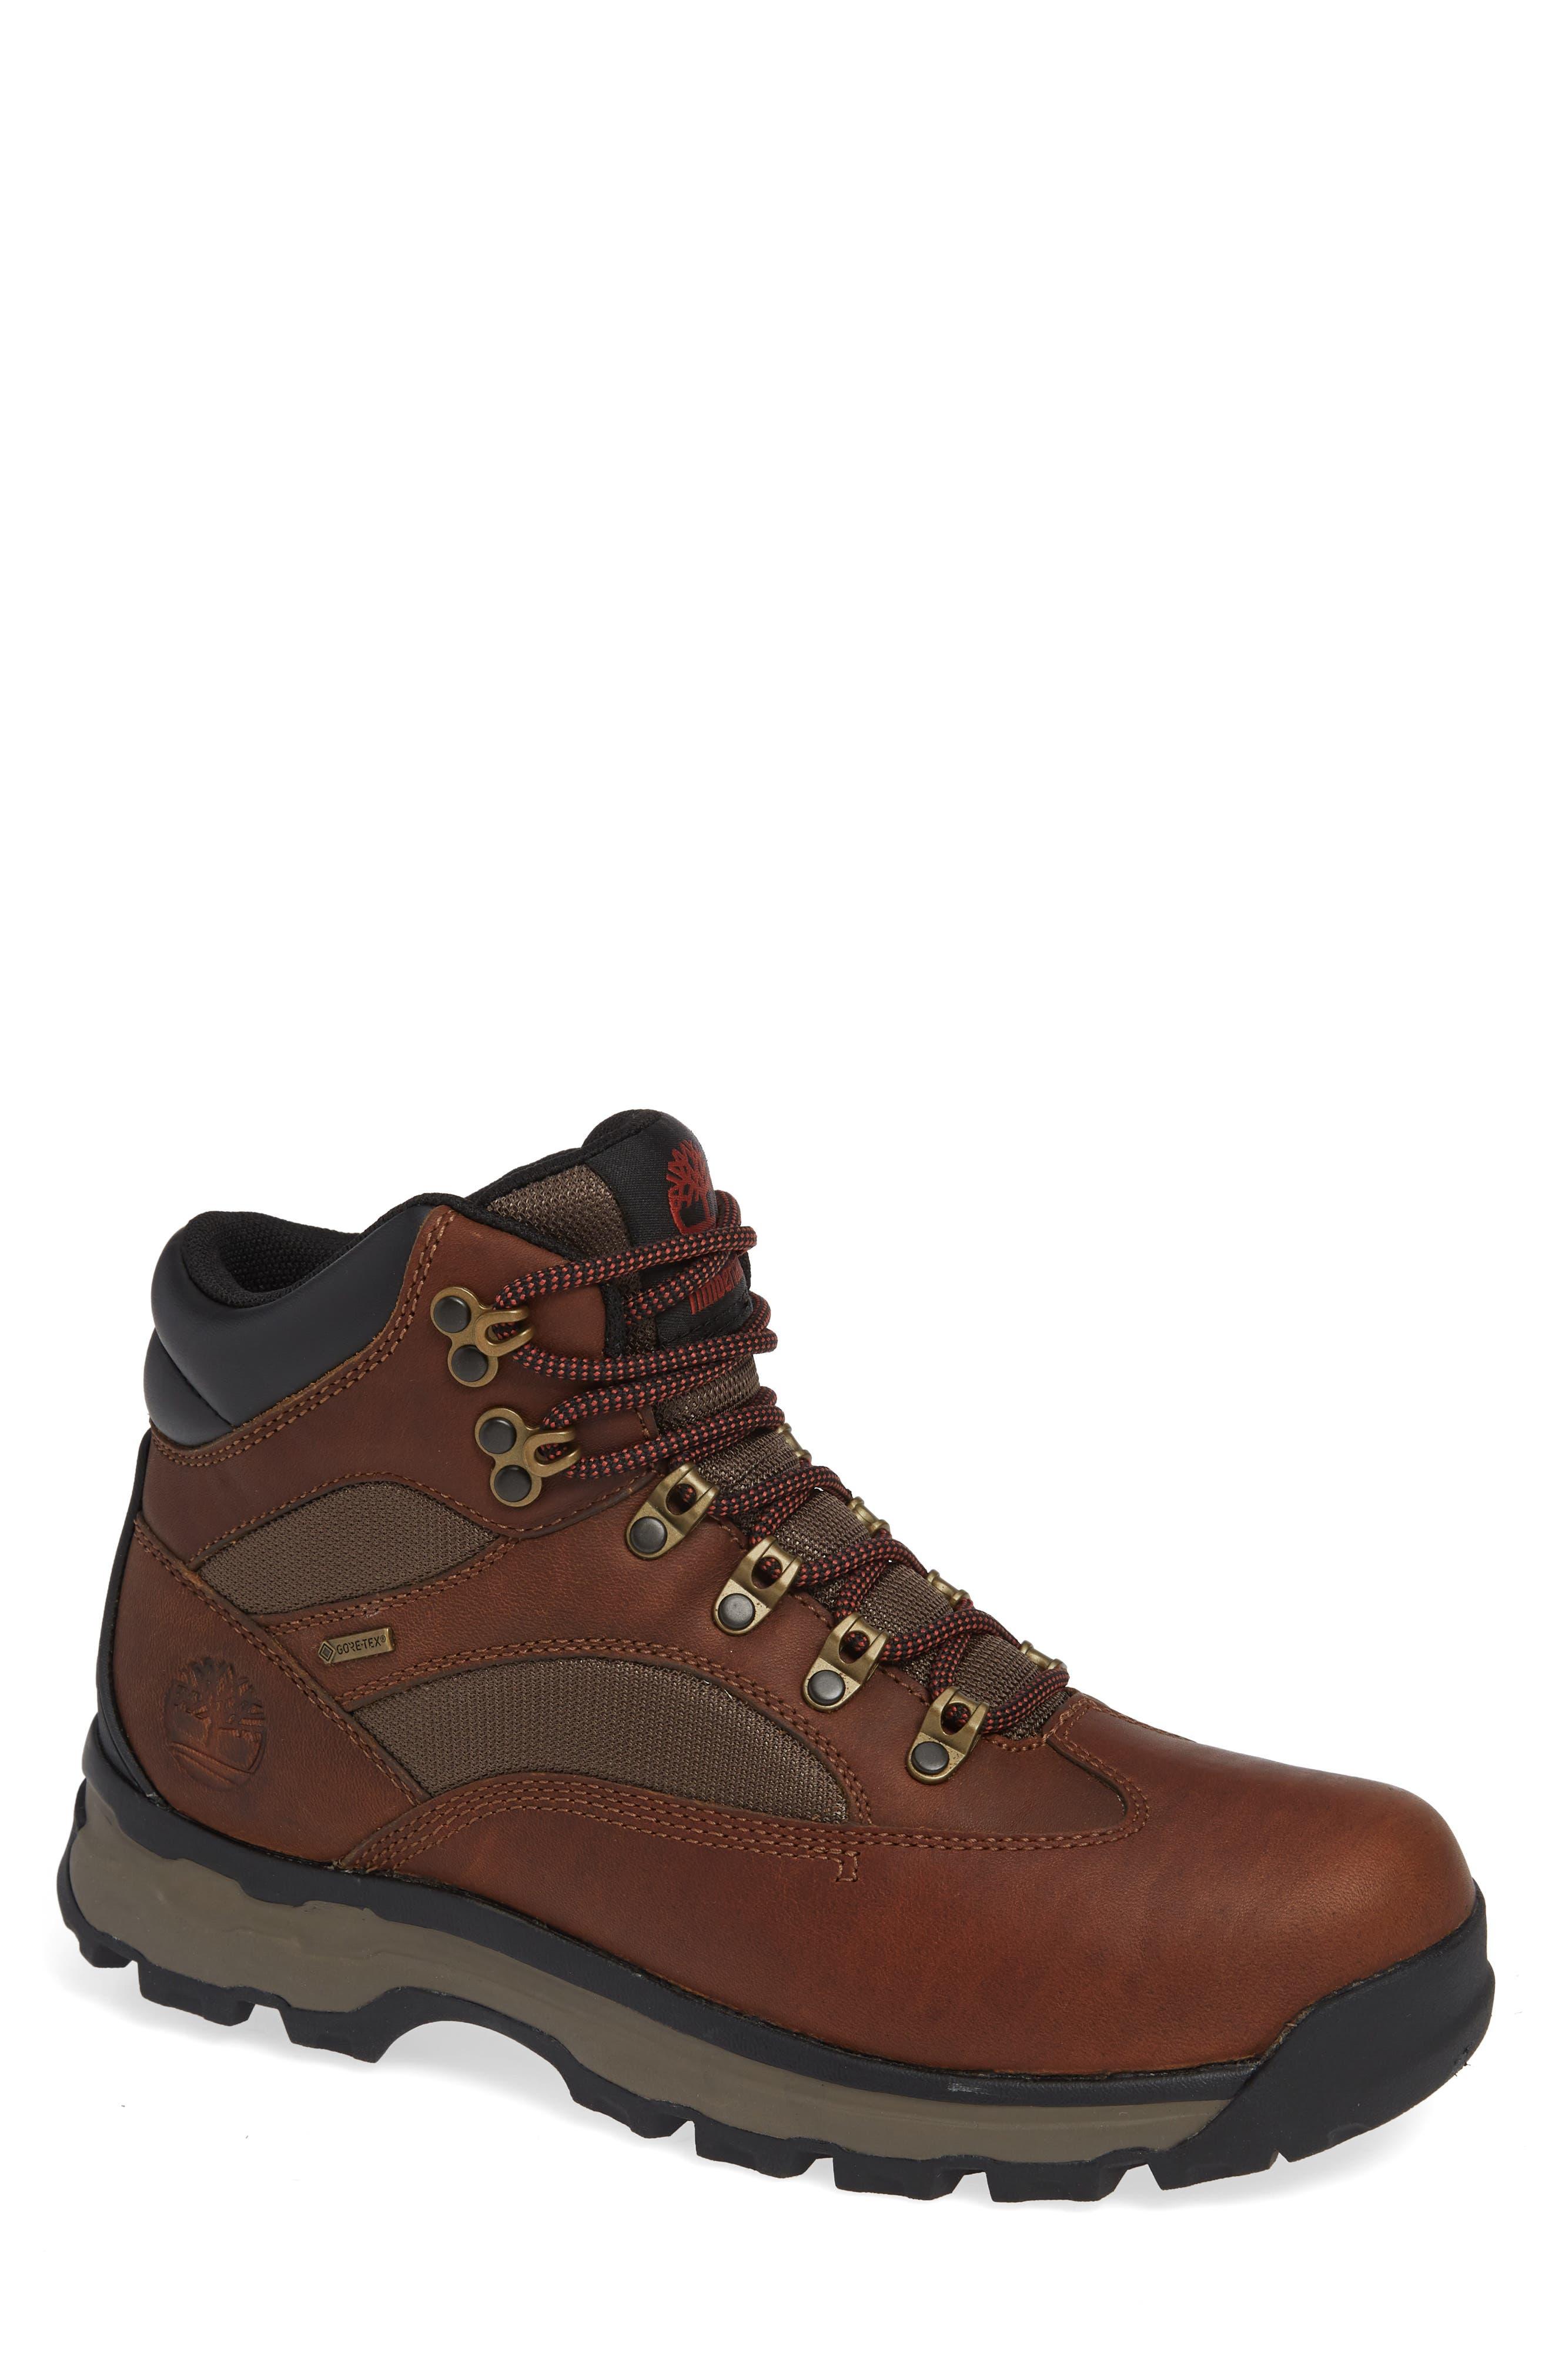 Timberland Chocorua Trail Gore-Tex Waterproof Hiking Boot, Brown